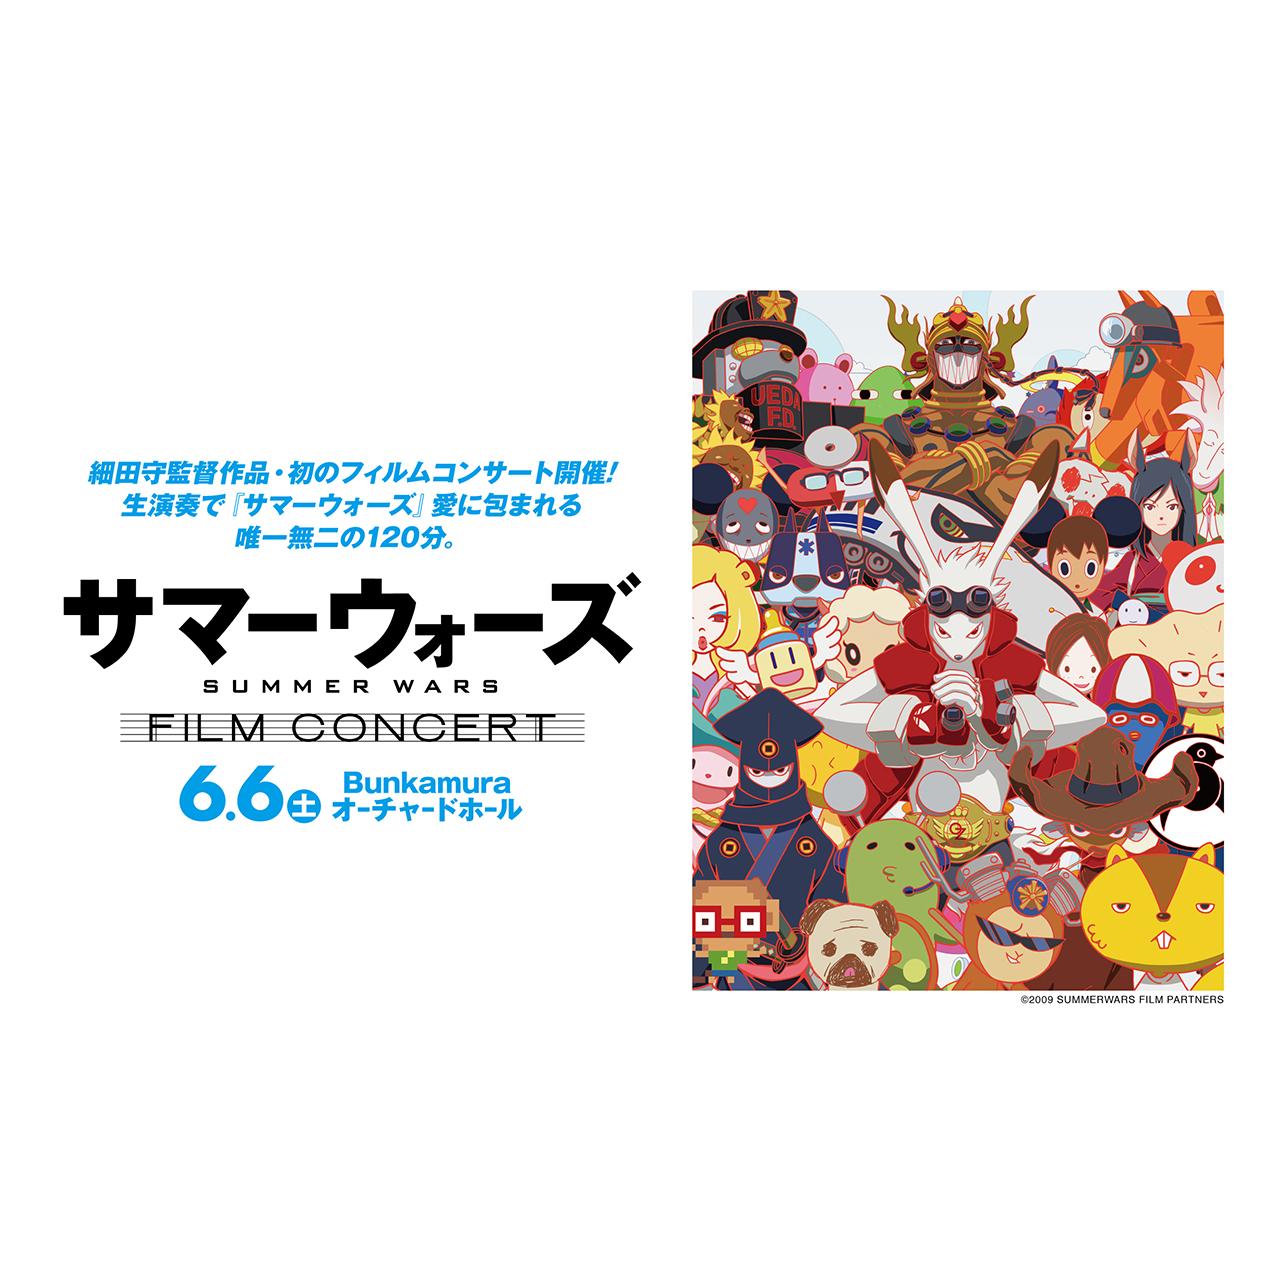 サマーウォーズ フィルムコンサート -SUMMER WARS FILM CONCERT-